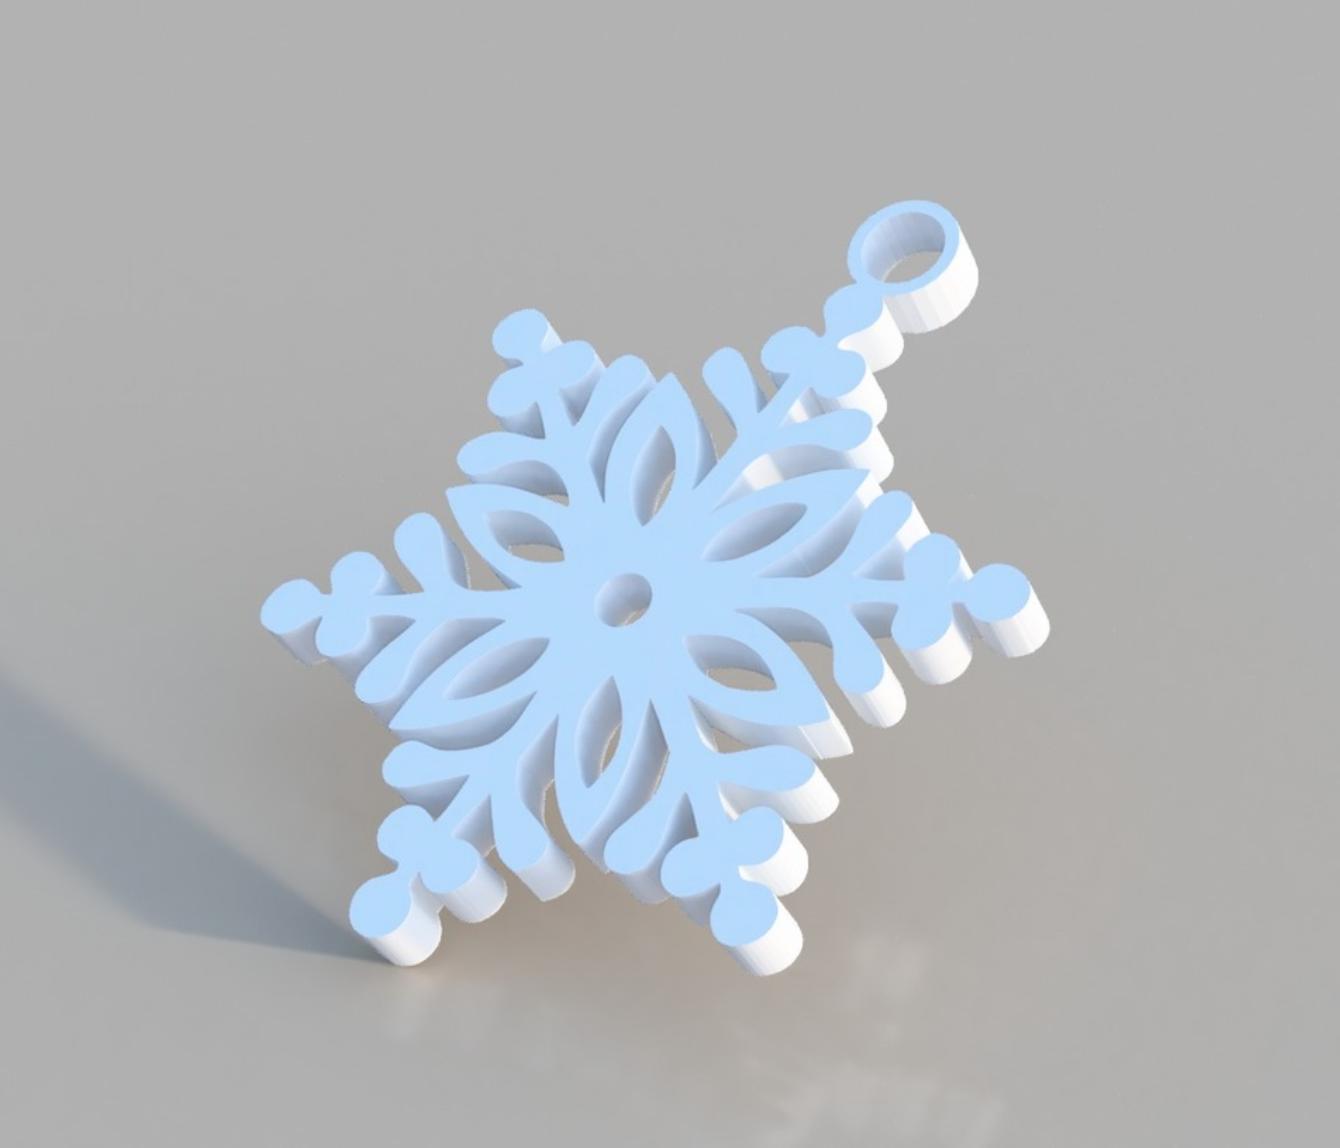 Capture d'écran 2017-12-19 à 16.52.53.png Download STL file Snowflake Ornament • 3D printer design, 3DPrintingGurus